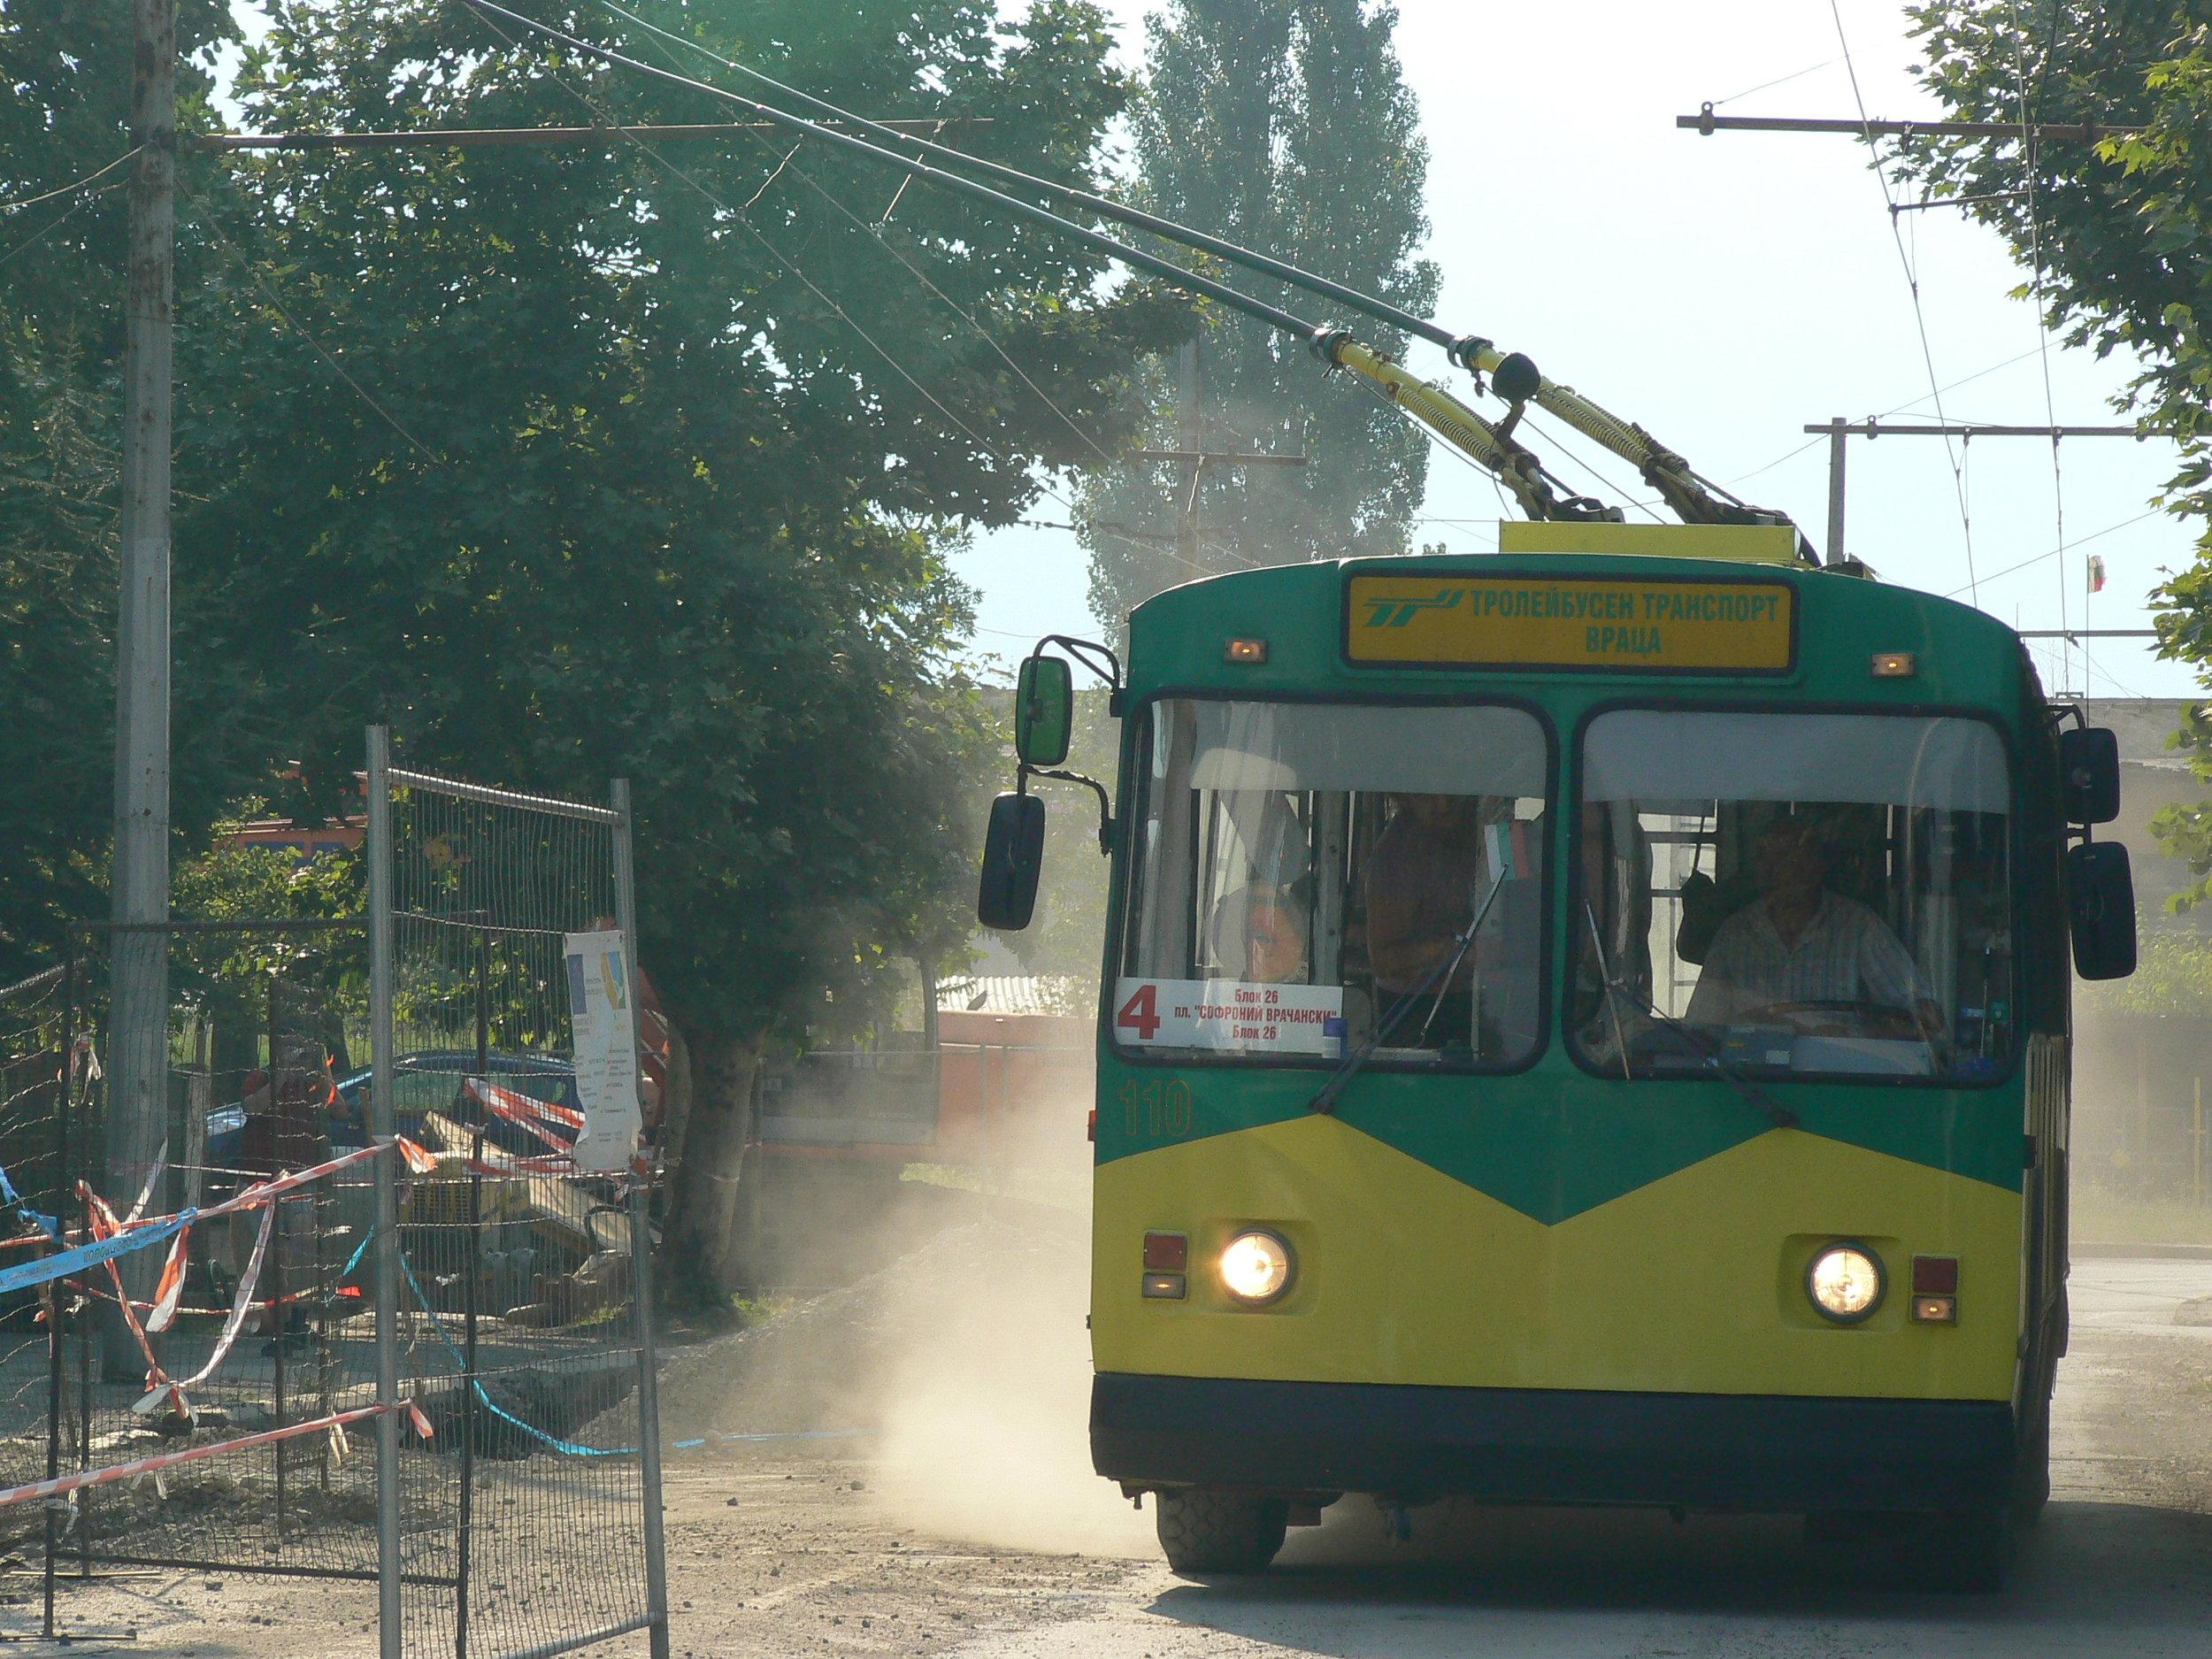 Na snímku nevidíme trolejbusovou rallye ani zkoušku toho, co vše sběrače dokážou, ale objezd rozkopané vozovky. (foto: Zdeněk Sýkora, 2014)